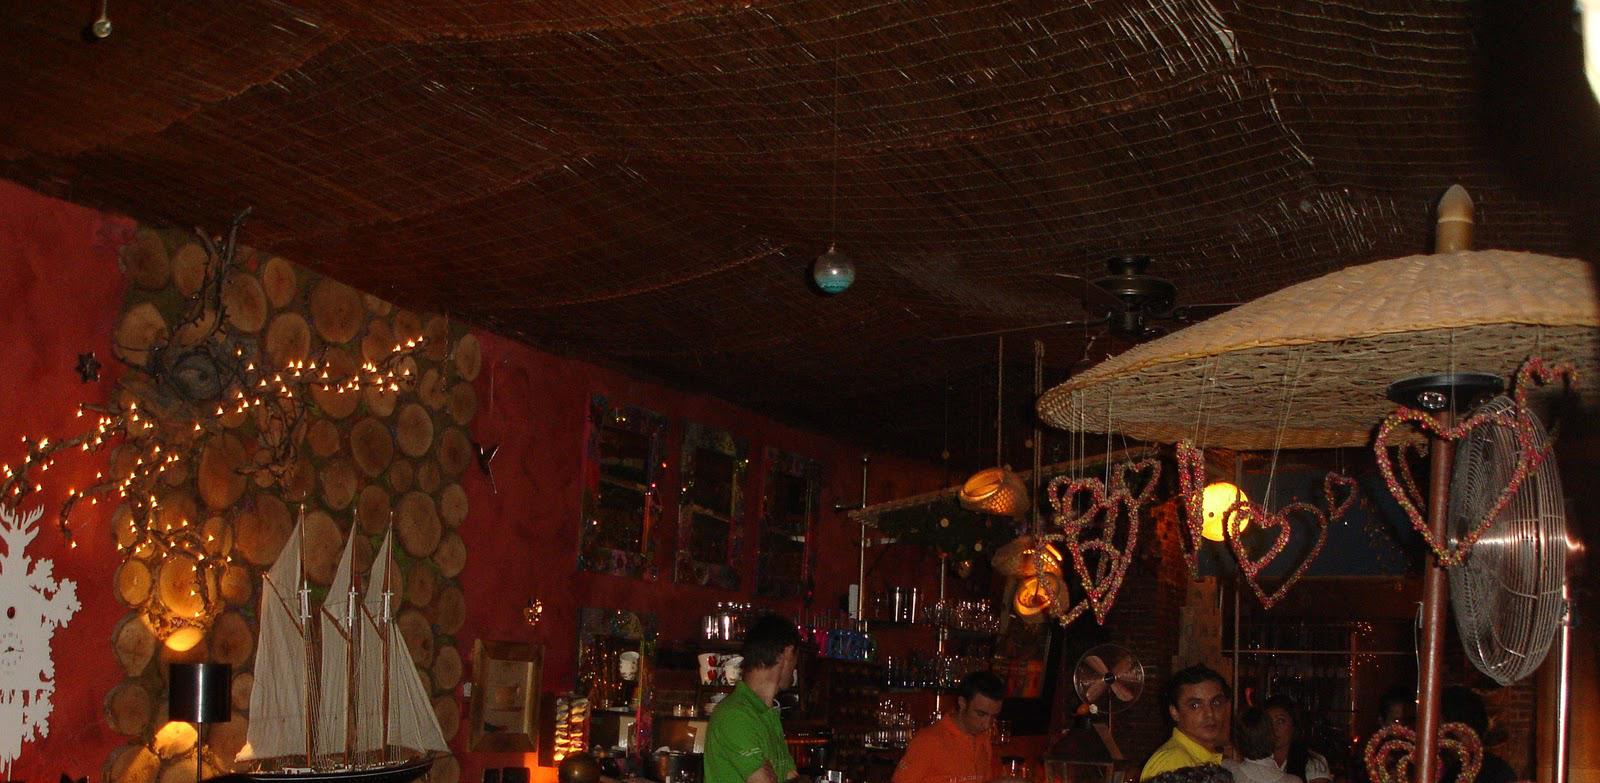 Vive la magia de 39 el jard n secreto 39 doordresser for Cafe el jardin secreto